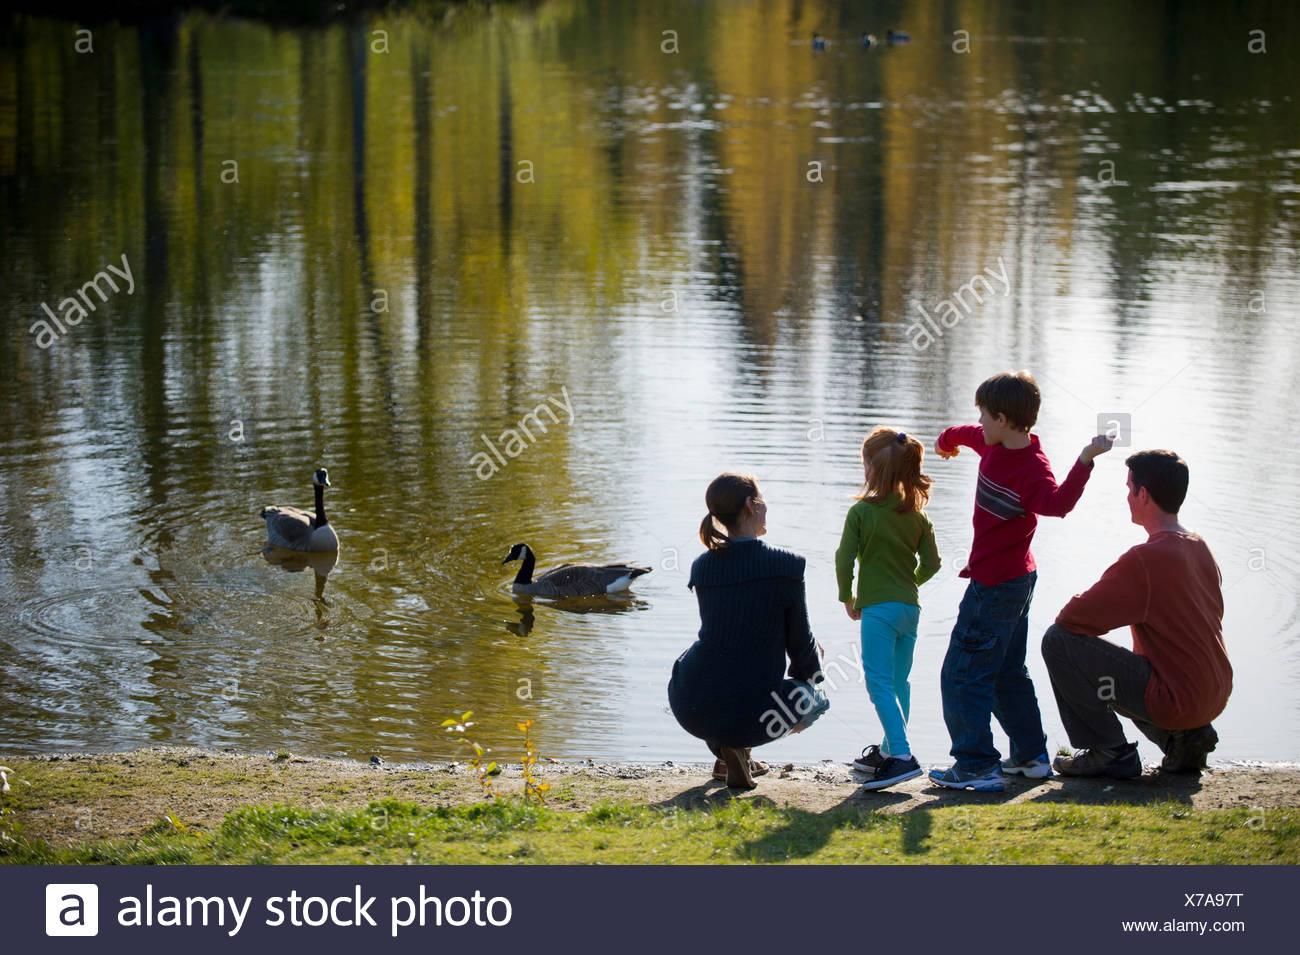 Family in park feeding ducks - Stock Image